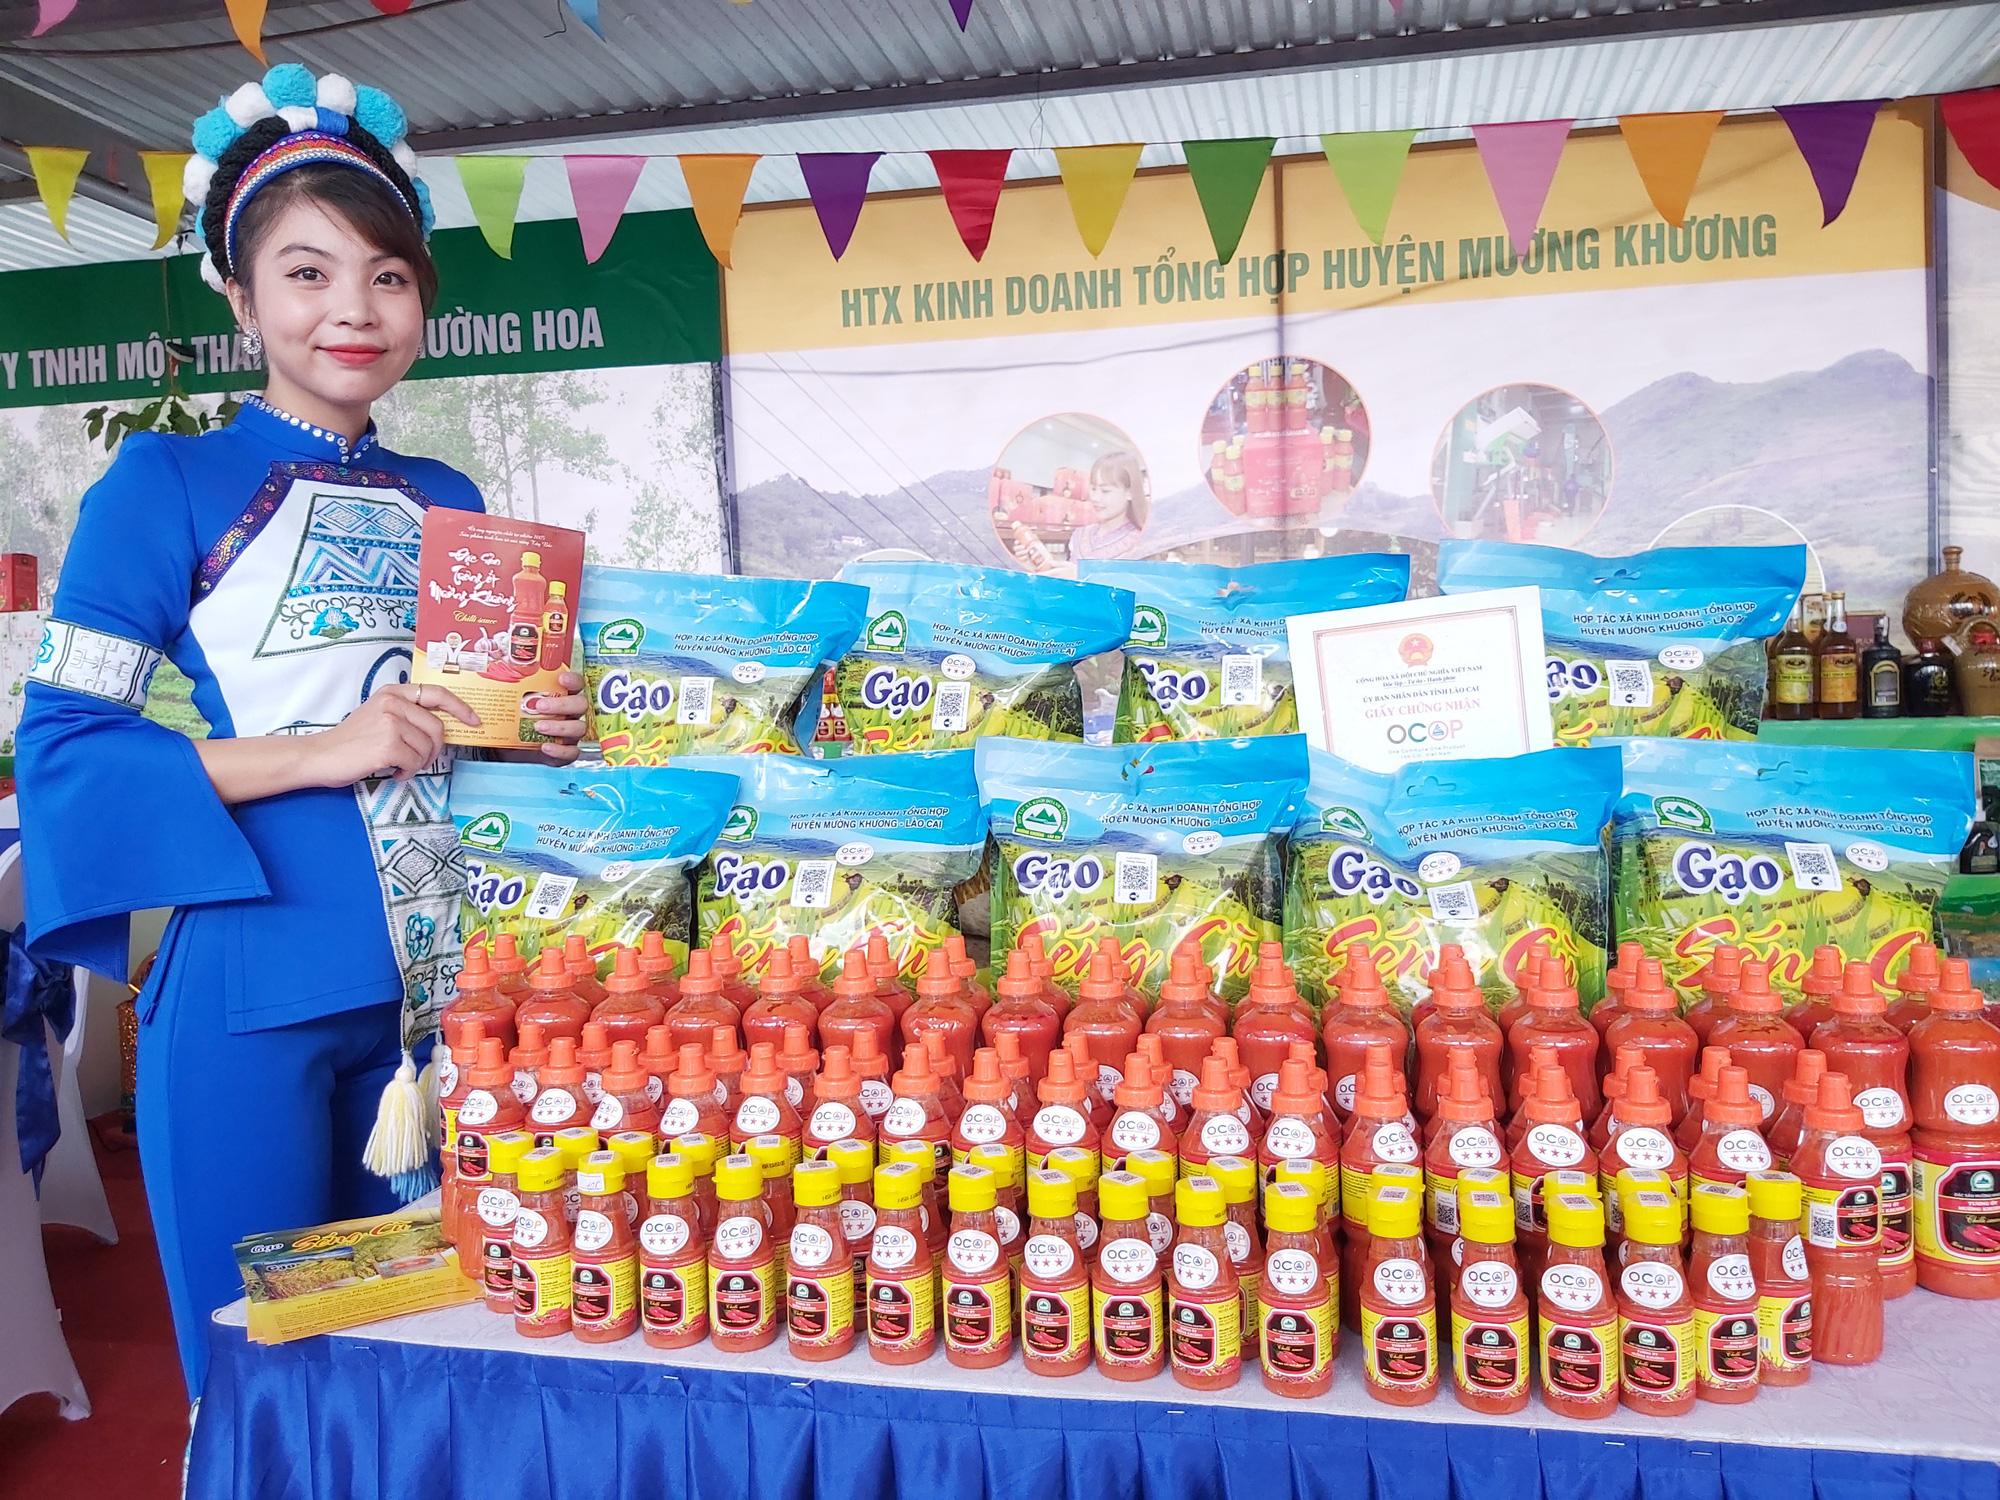 """Quýt ngọt, gạo Séng Cù, bưởi Múc...của huyện Mường Khương """"đổ bộ"""" xuống Thủ đô, người dân mê mẩn mua về ăn thử - Ảnh 14."""